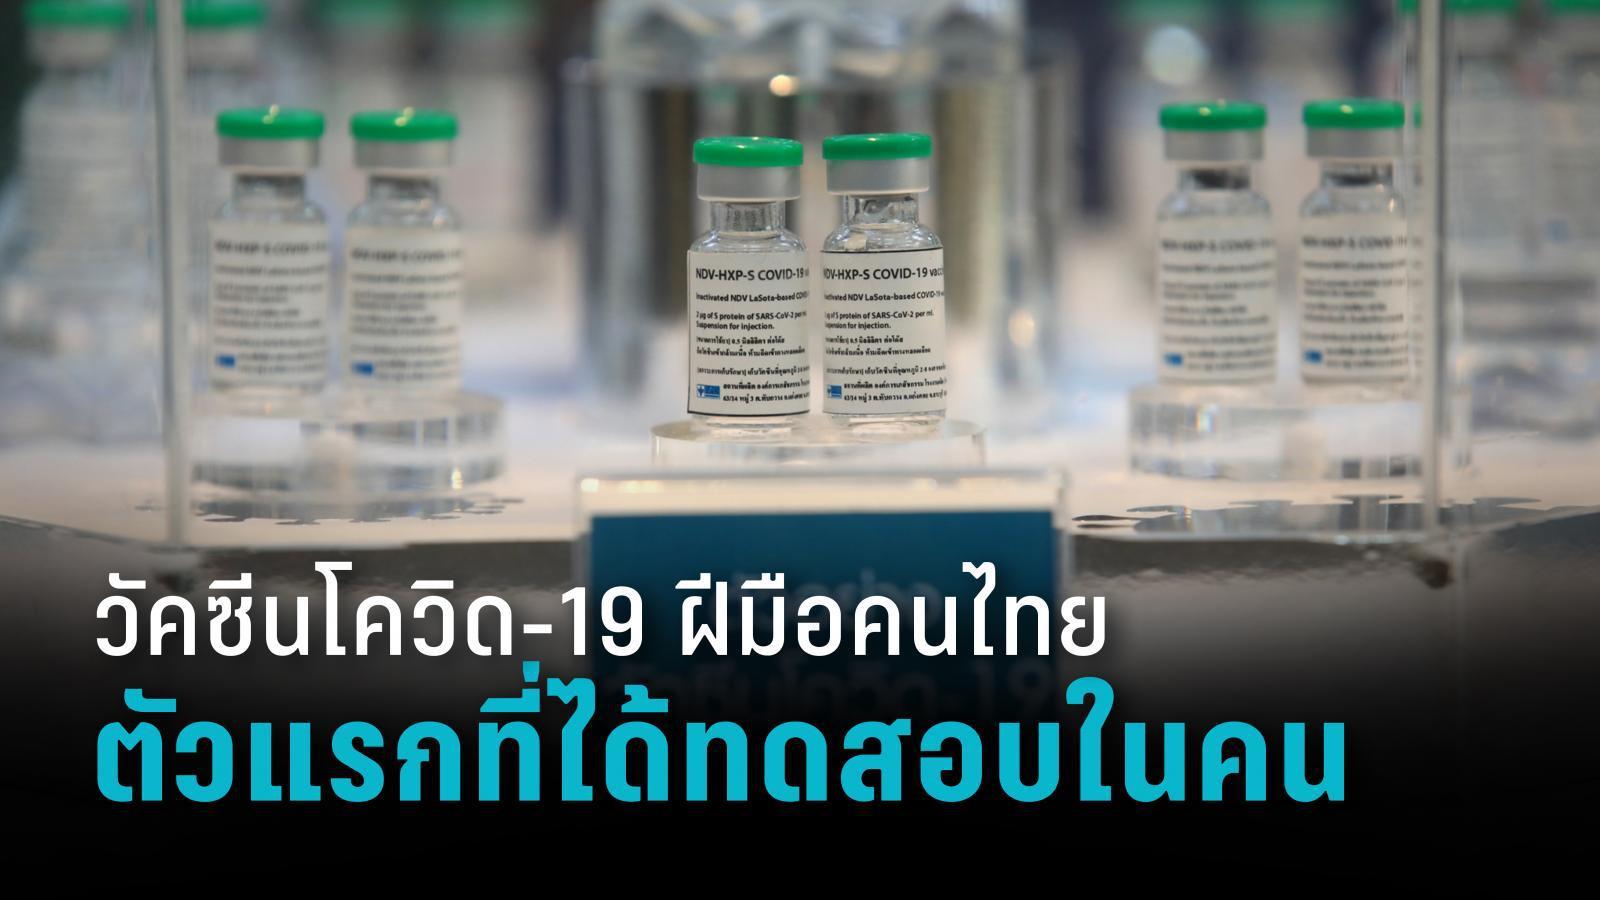 """""""NDV-HXP-S"""" วัคซีนโควิด-19 โดยคนไทยตัวแรกที่ได้รับอนุมัติให้ทดสอบในมนุษย์"""